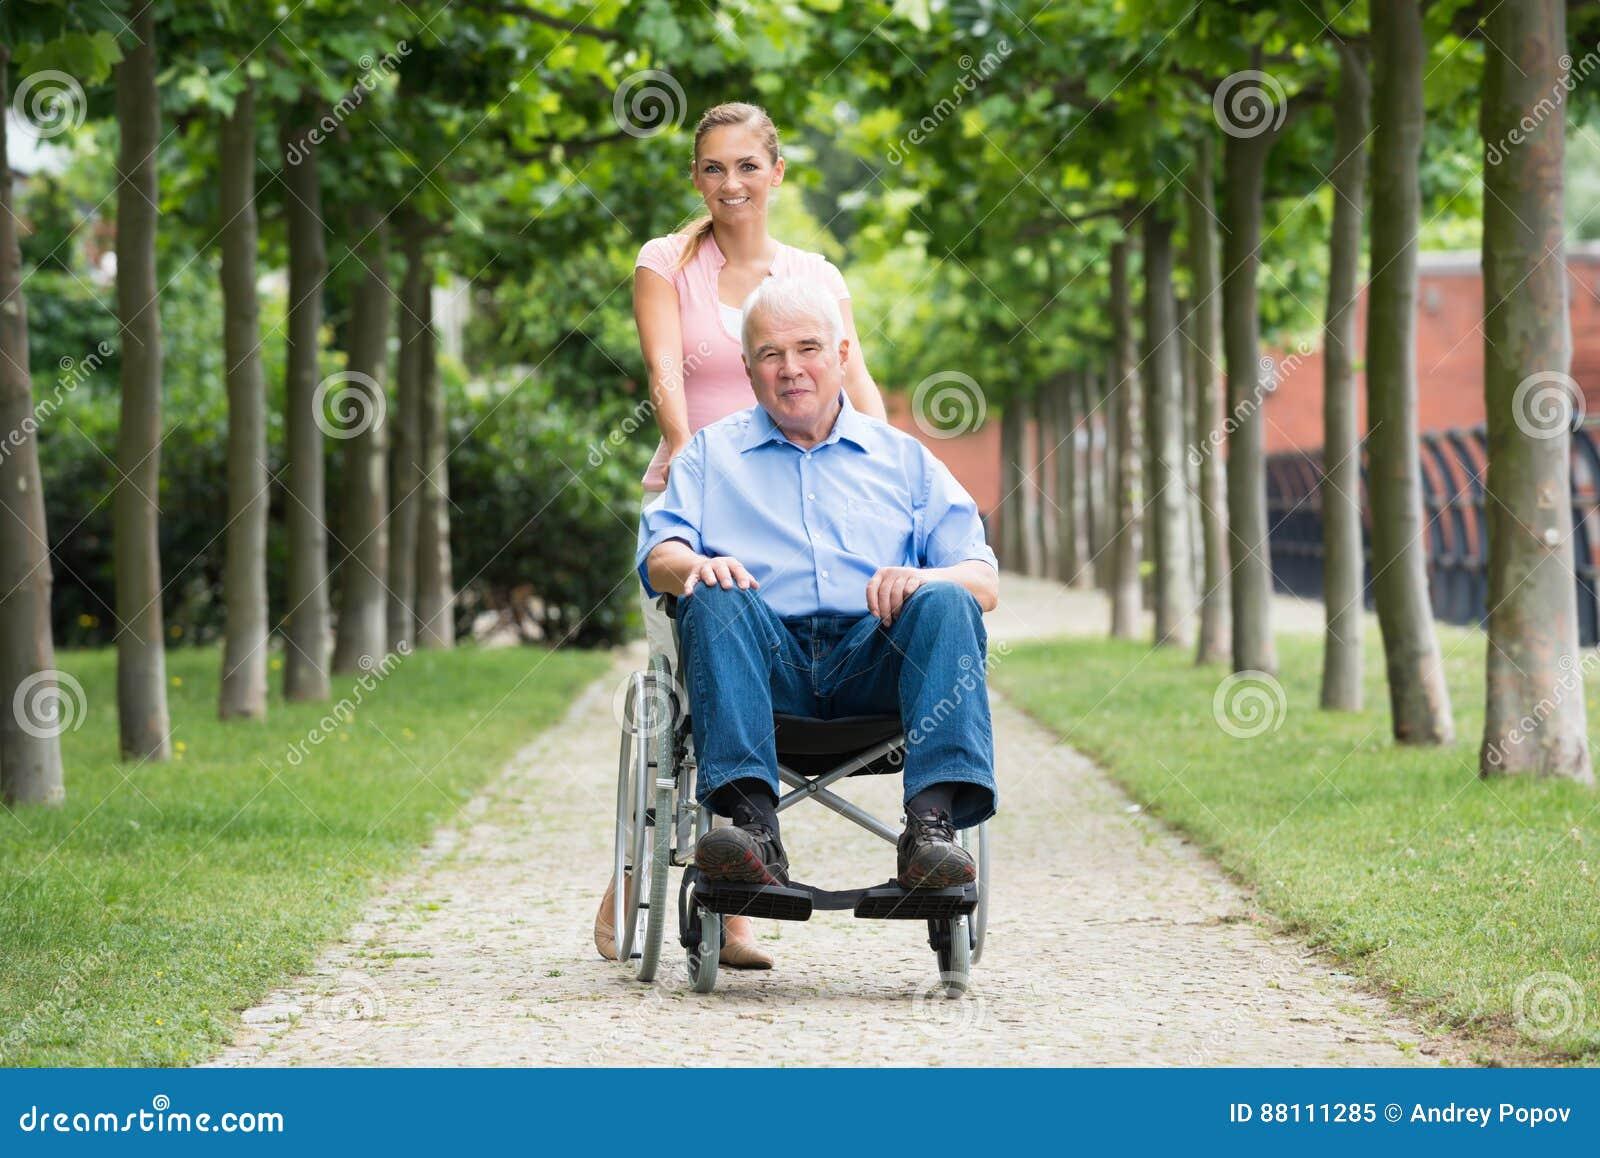 Frau mit ihrem alten älteren Vater On Wheelchair